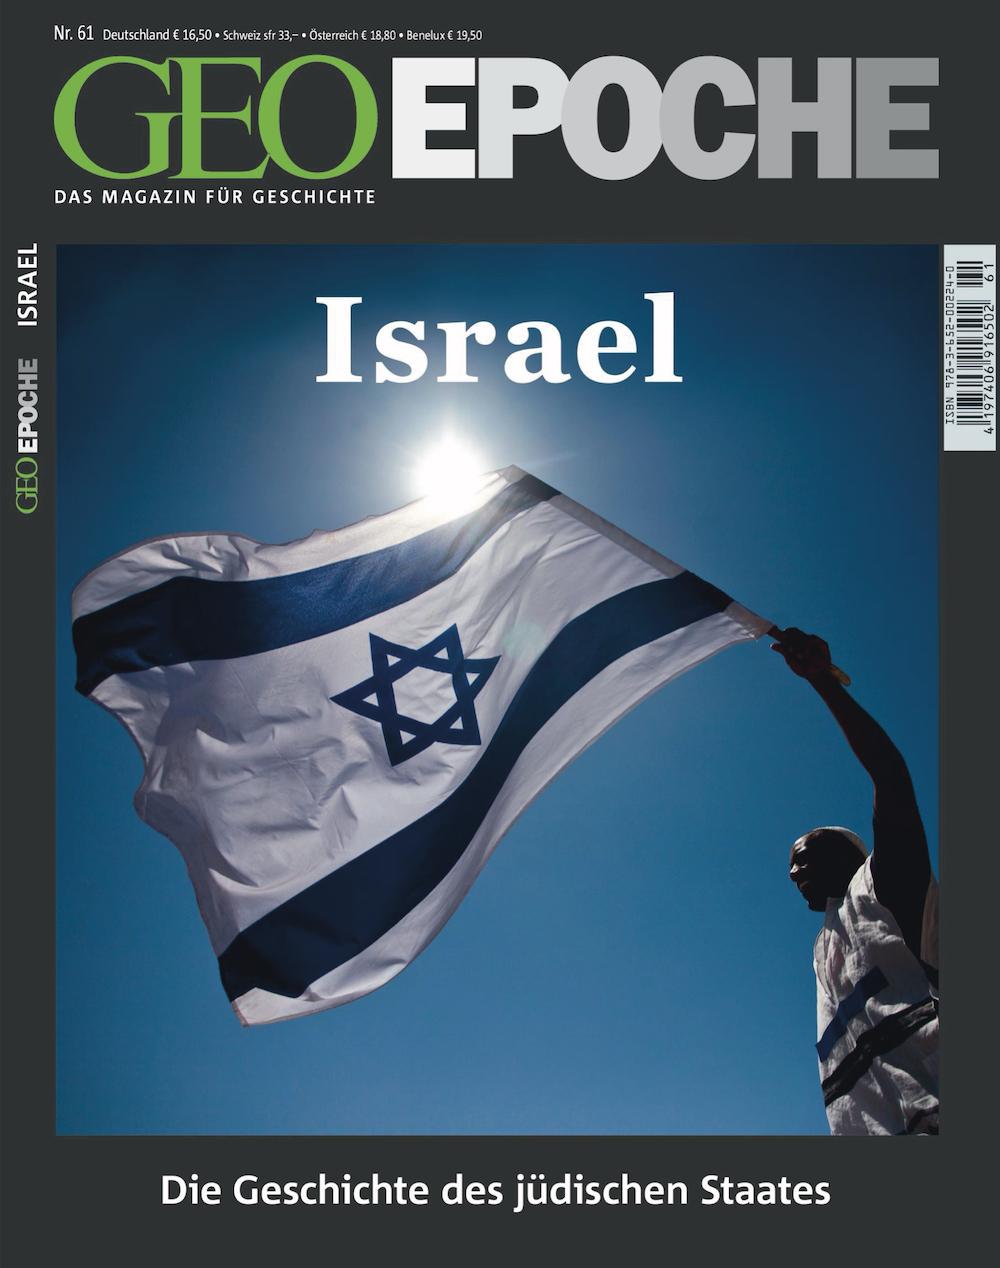 GEO Epoche 2013-61 Israel - Die Geschichte des jüdischen Staates